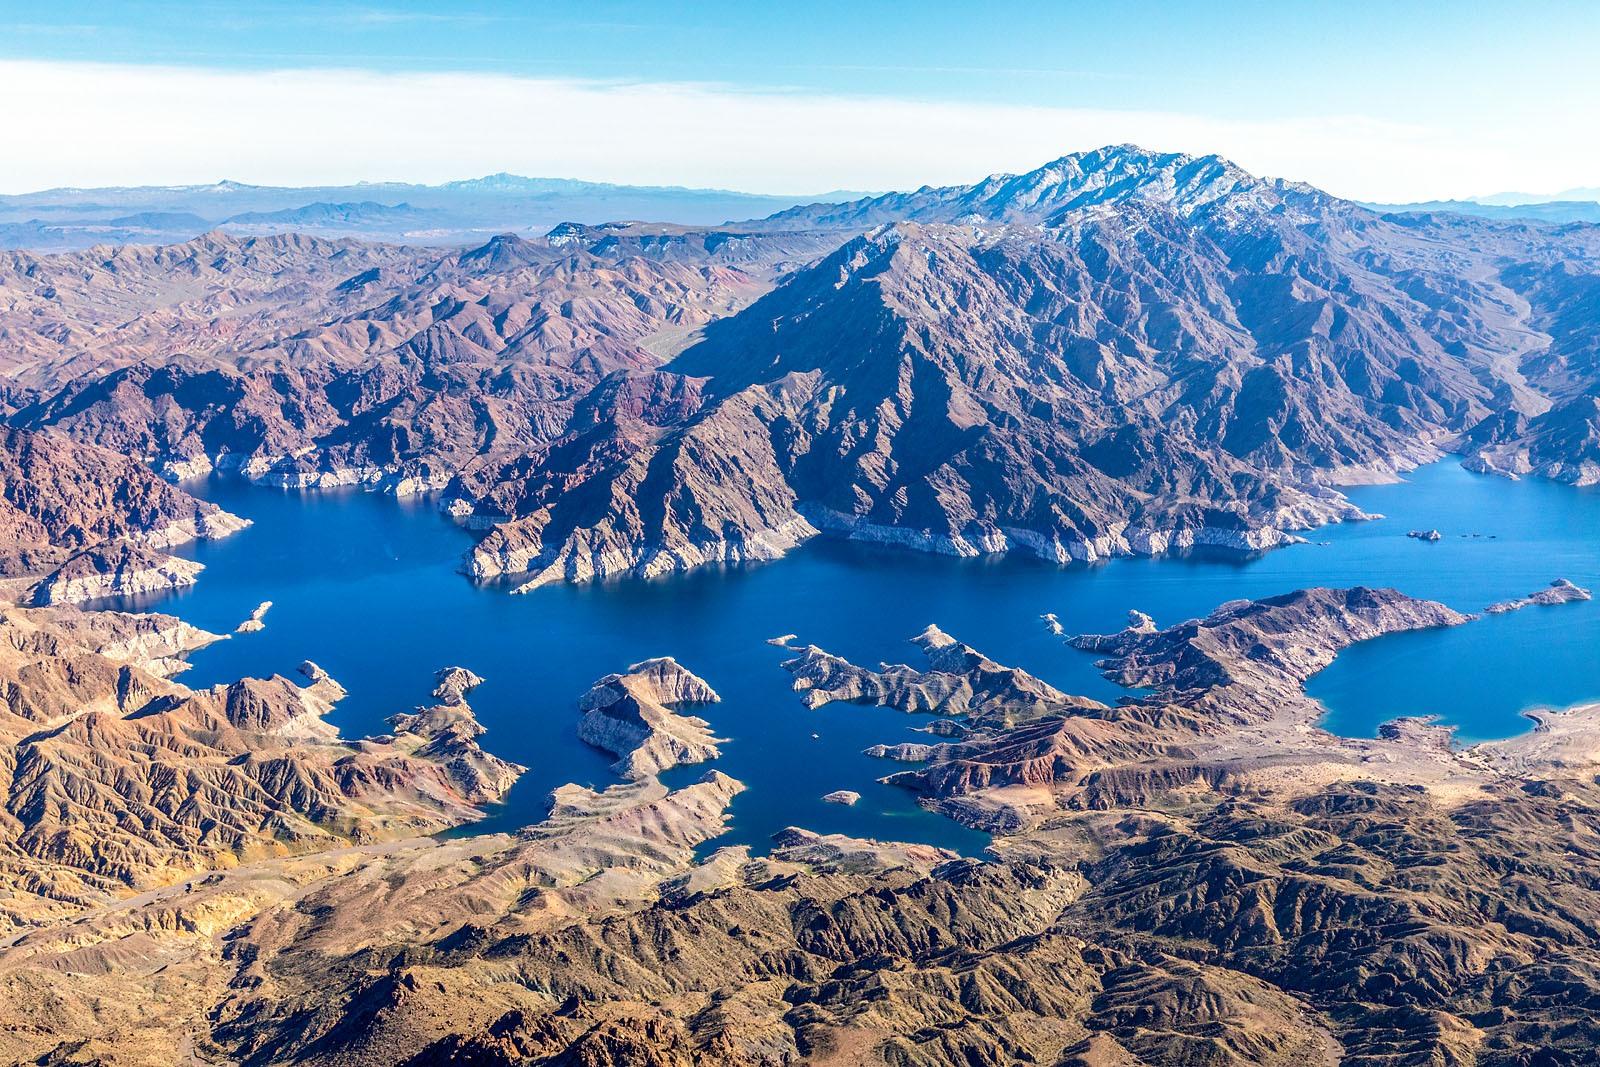 Lake Mead Aerial Landscape  MG_7812_v2_